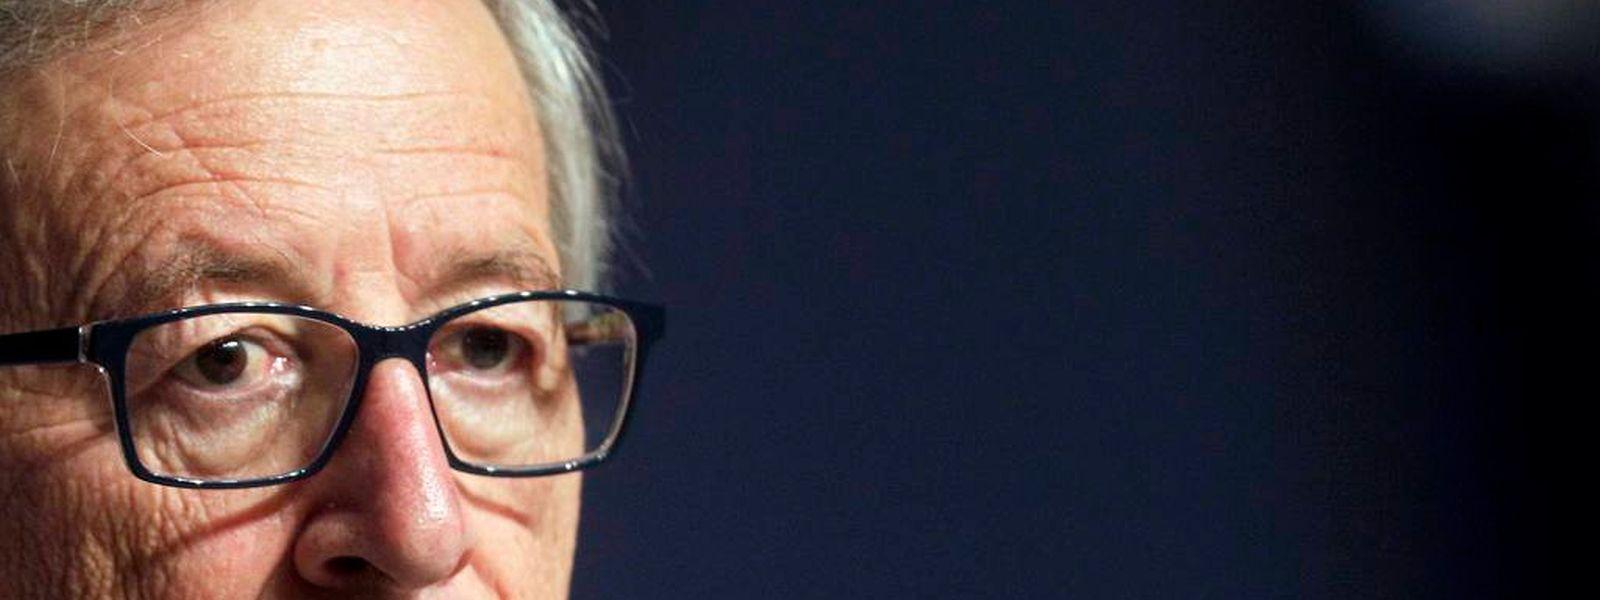 Der Untersuchungsausschuss könnte Juncker in Bedrängnis bringen.